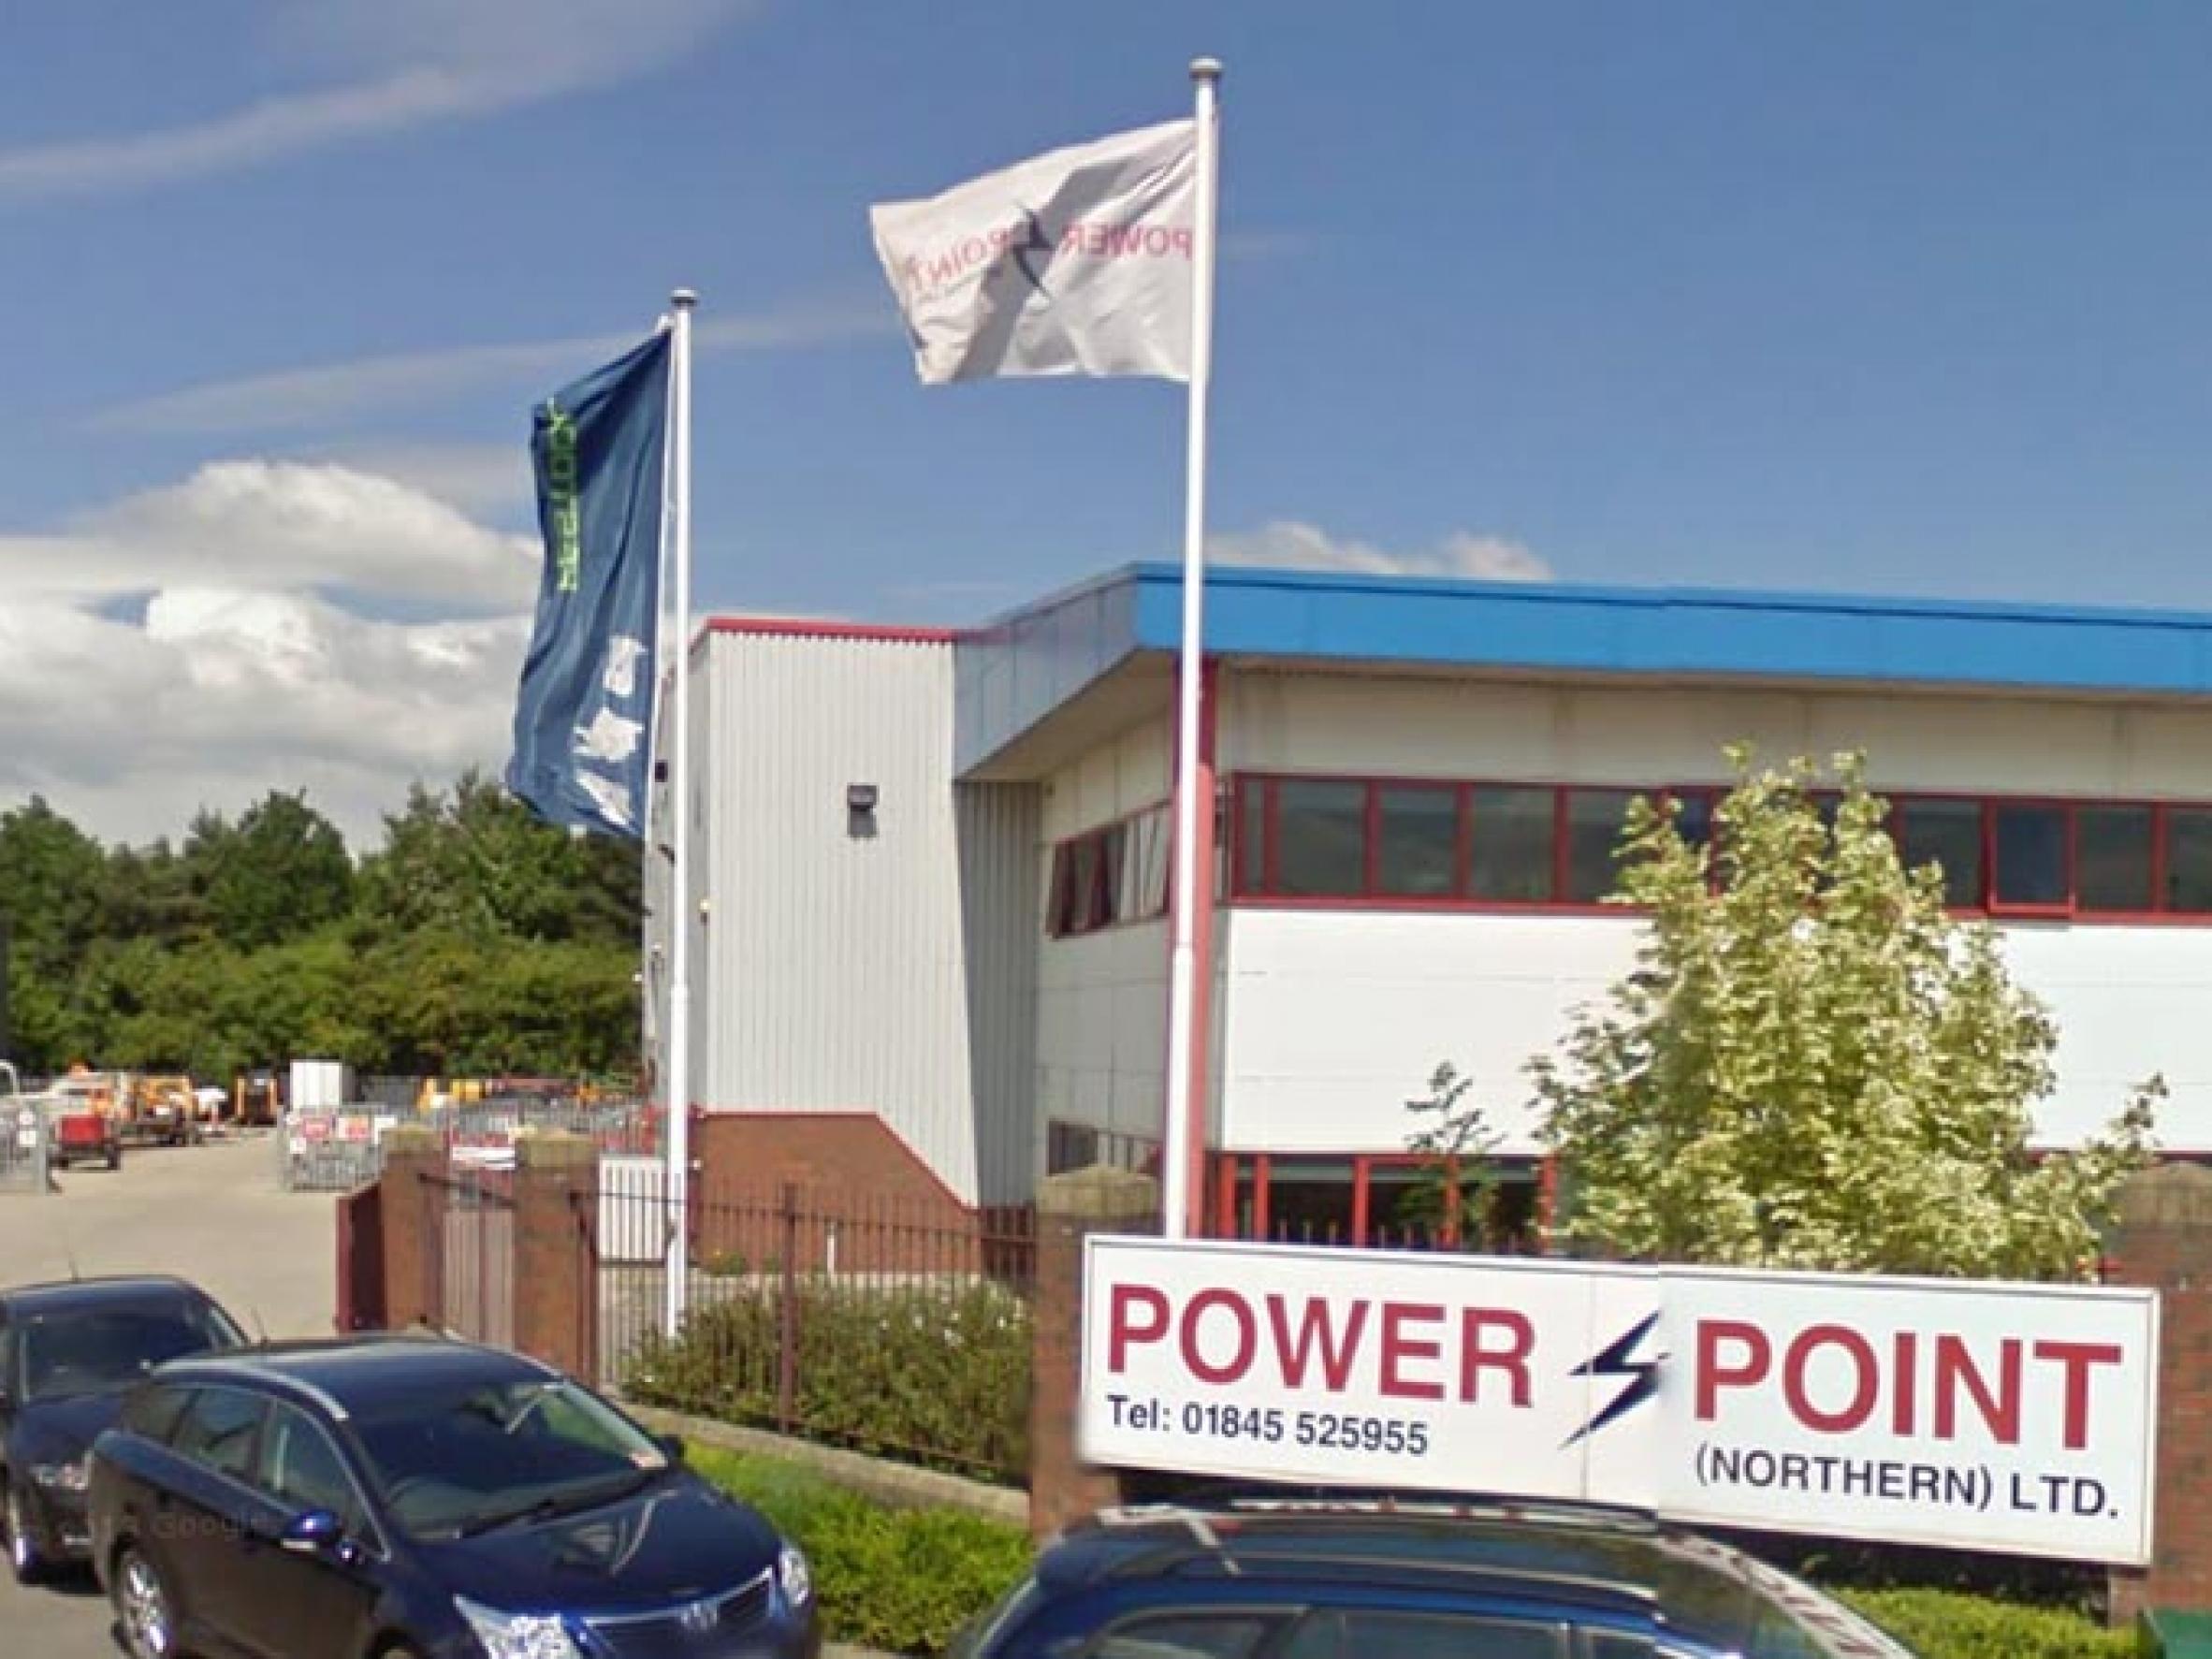 powerpoint-northern-thirsk-industrial-estate